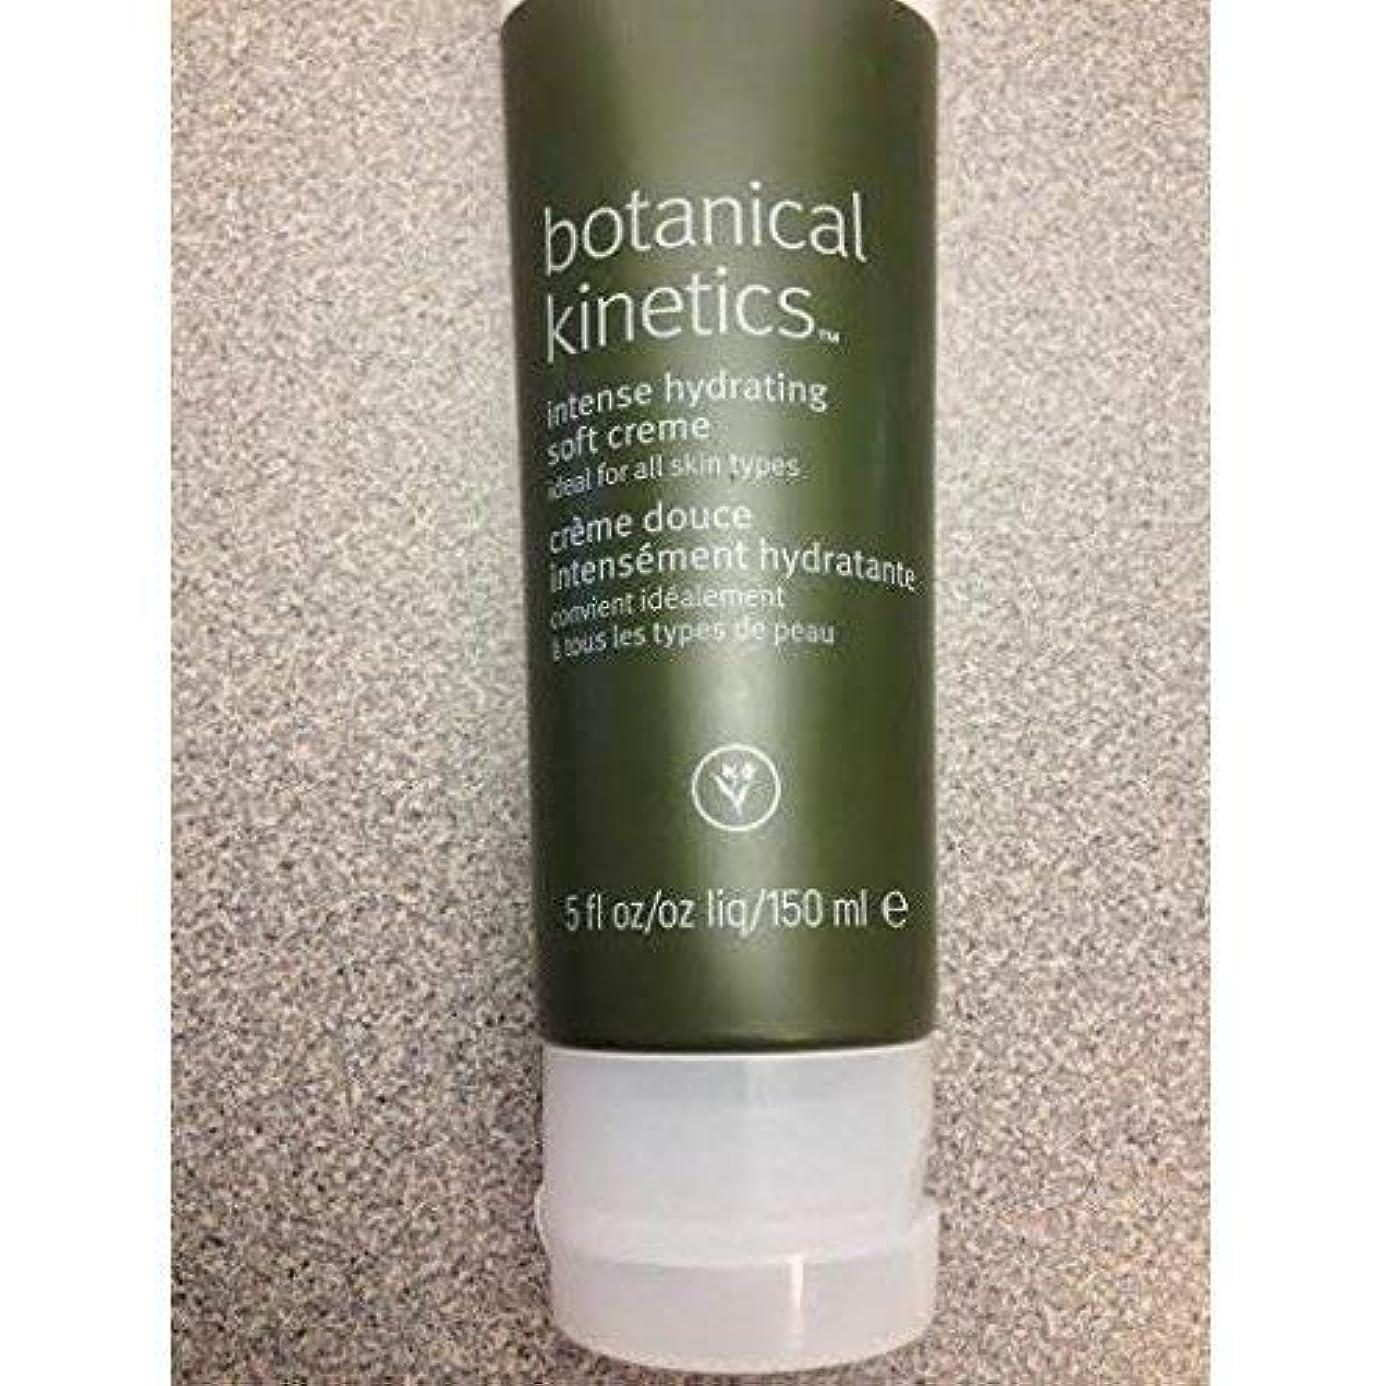 学士とげのある旅行代理店アヴェダ Botanical Kinetics Intense Hydrating Soft Creme (Salon Size) 150ml/5oz並行輸入品